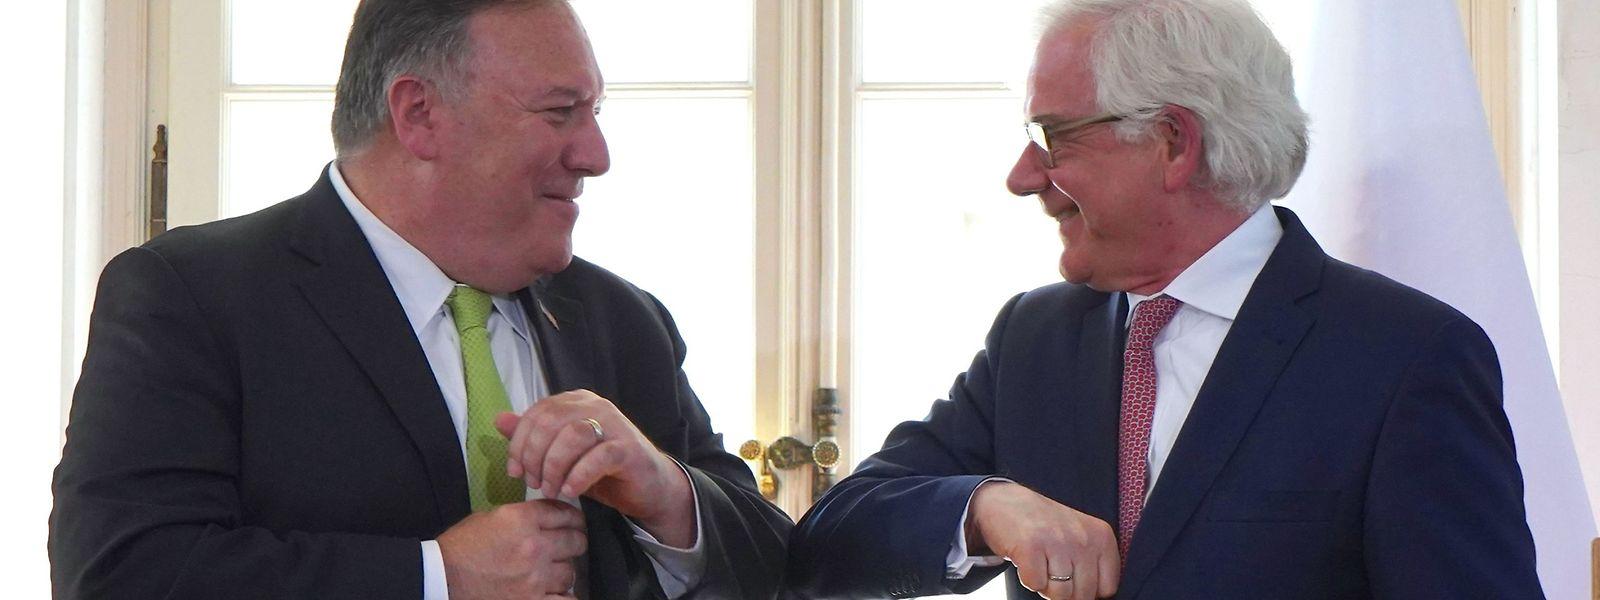 US-Außenminister Mike Pompeo und der polnische Verteidigungsminister Mariusz Blaszczak haben einen Vertrag über die Entsendung von 1.000 zusätzlichen US-Soldaten nach Polen unterzeichnet.